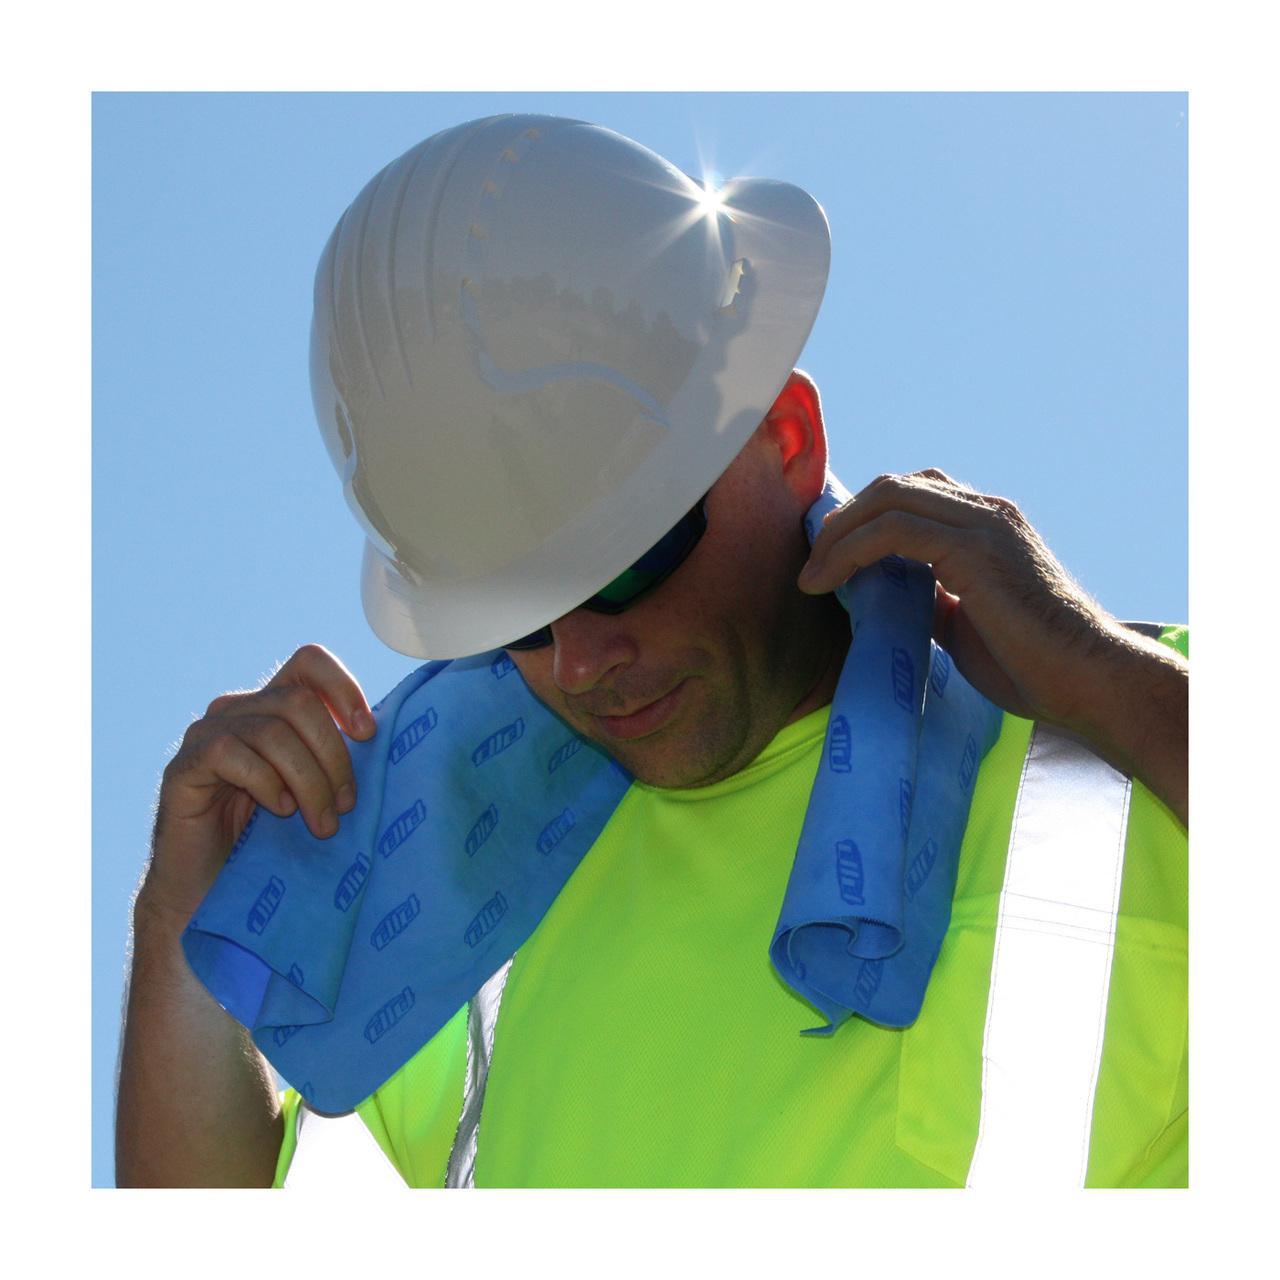 396-602-b-iu-towel-behind-neck-looking-down-92711.1404687964.1280.1280.jpg